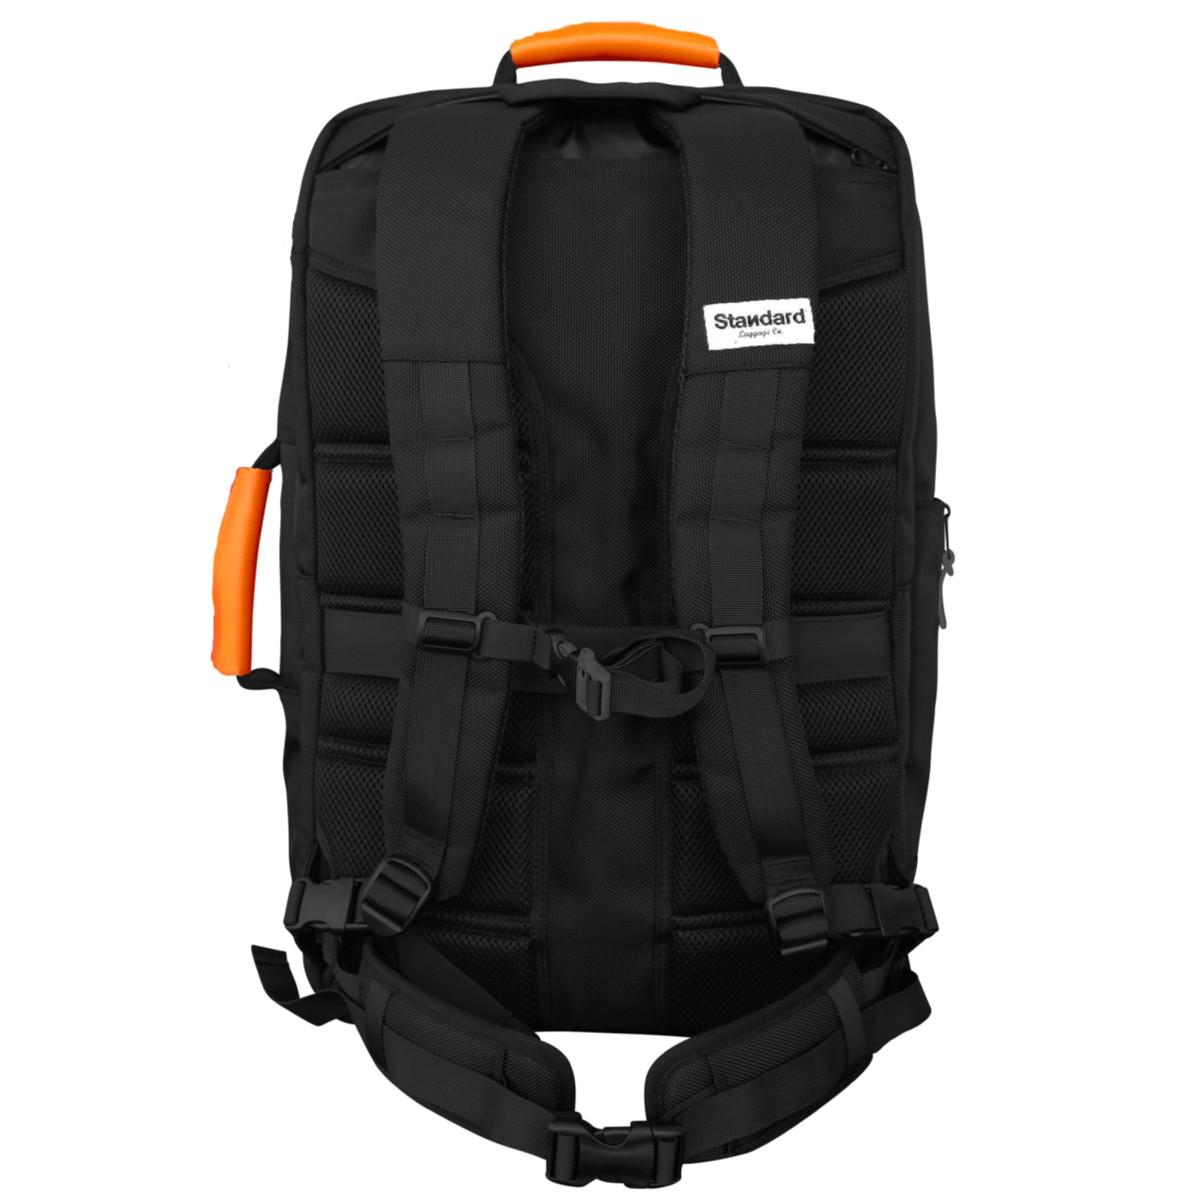 加拿大_Standard_Luggage_三用行李袋4